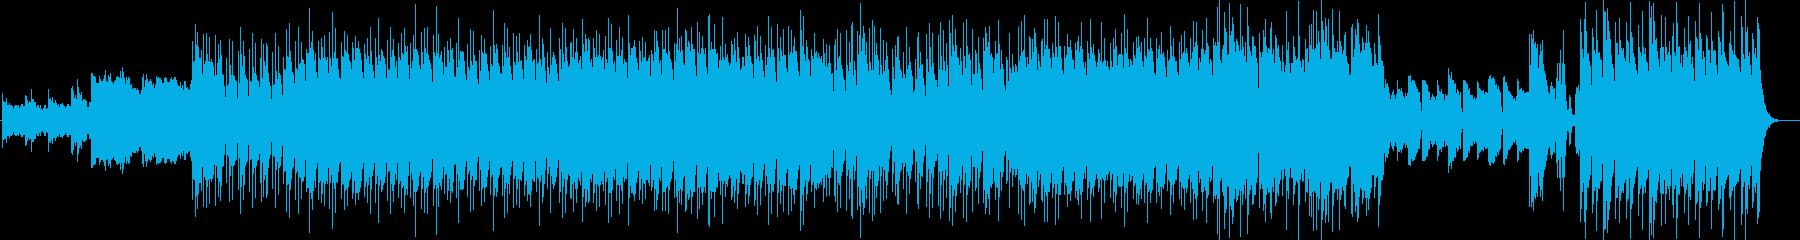 和風の空間音楽です。資料館、展示室の音…の再生済みの波形